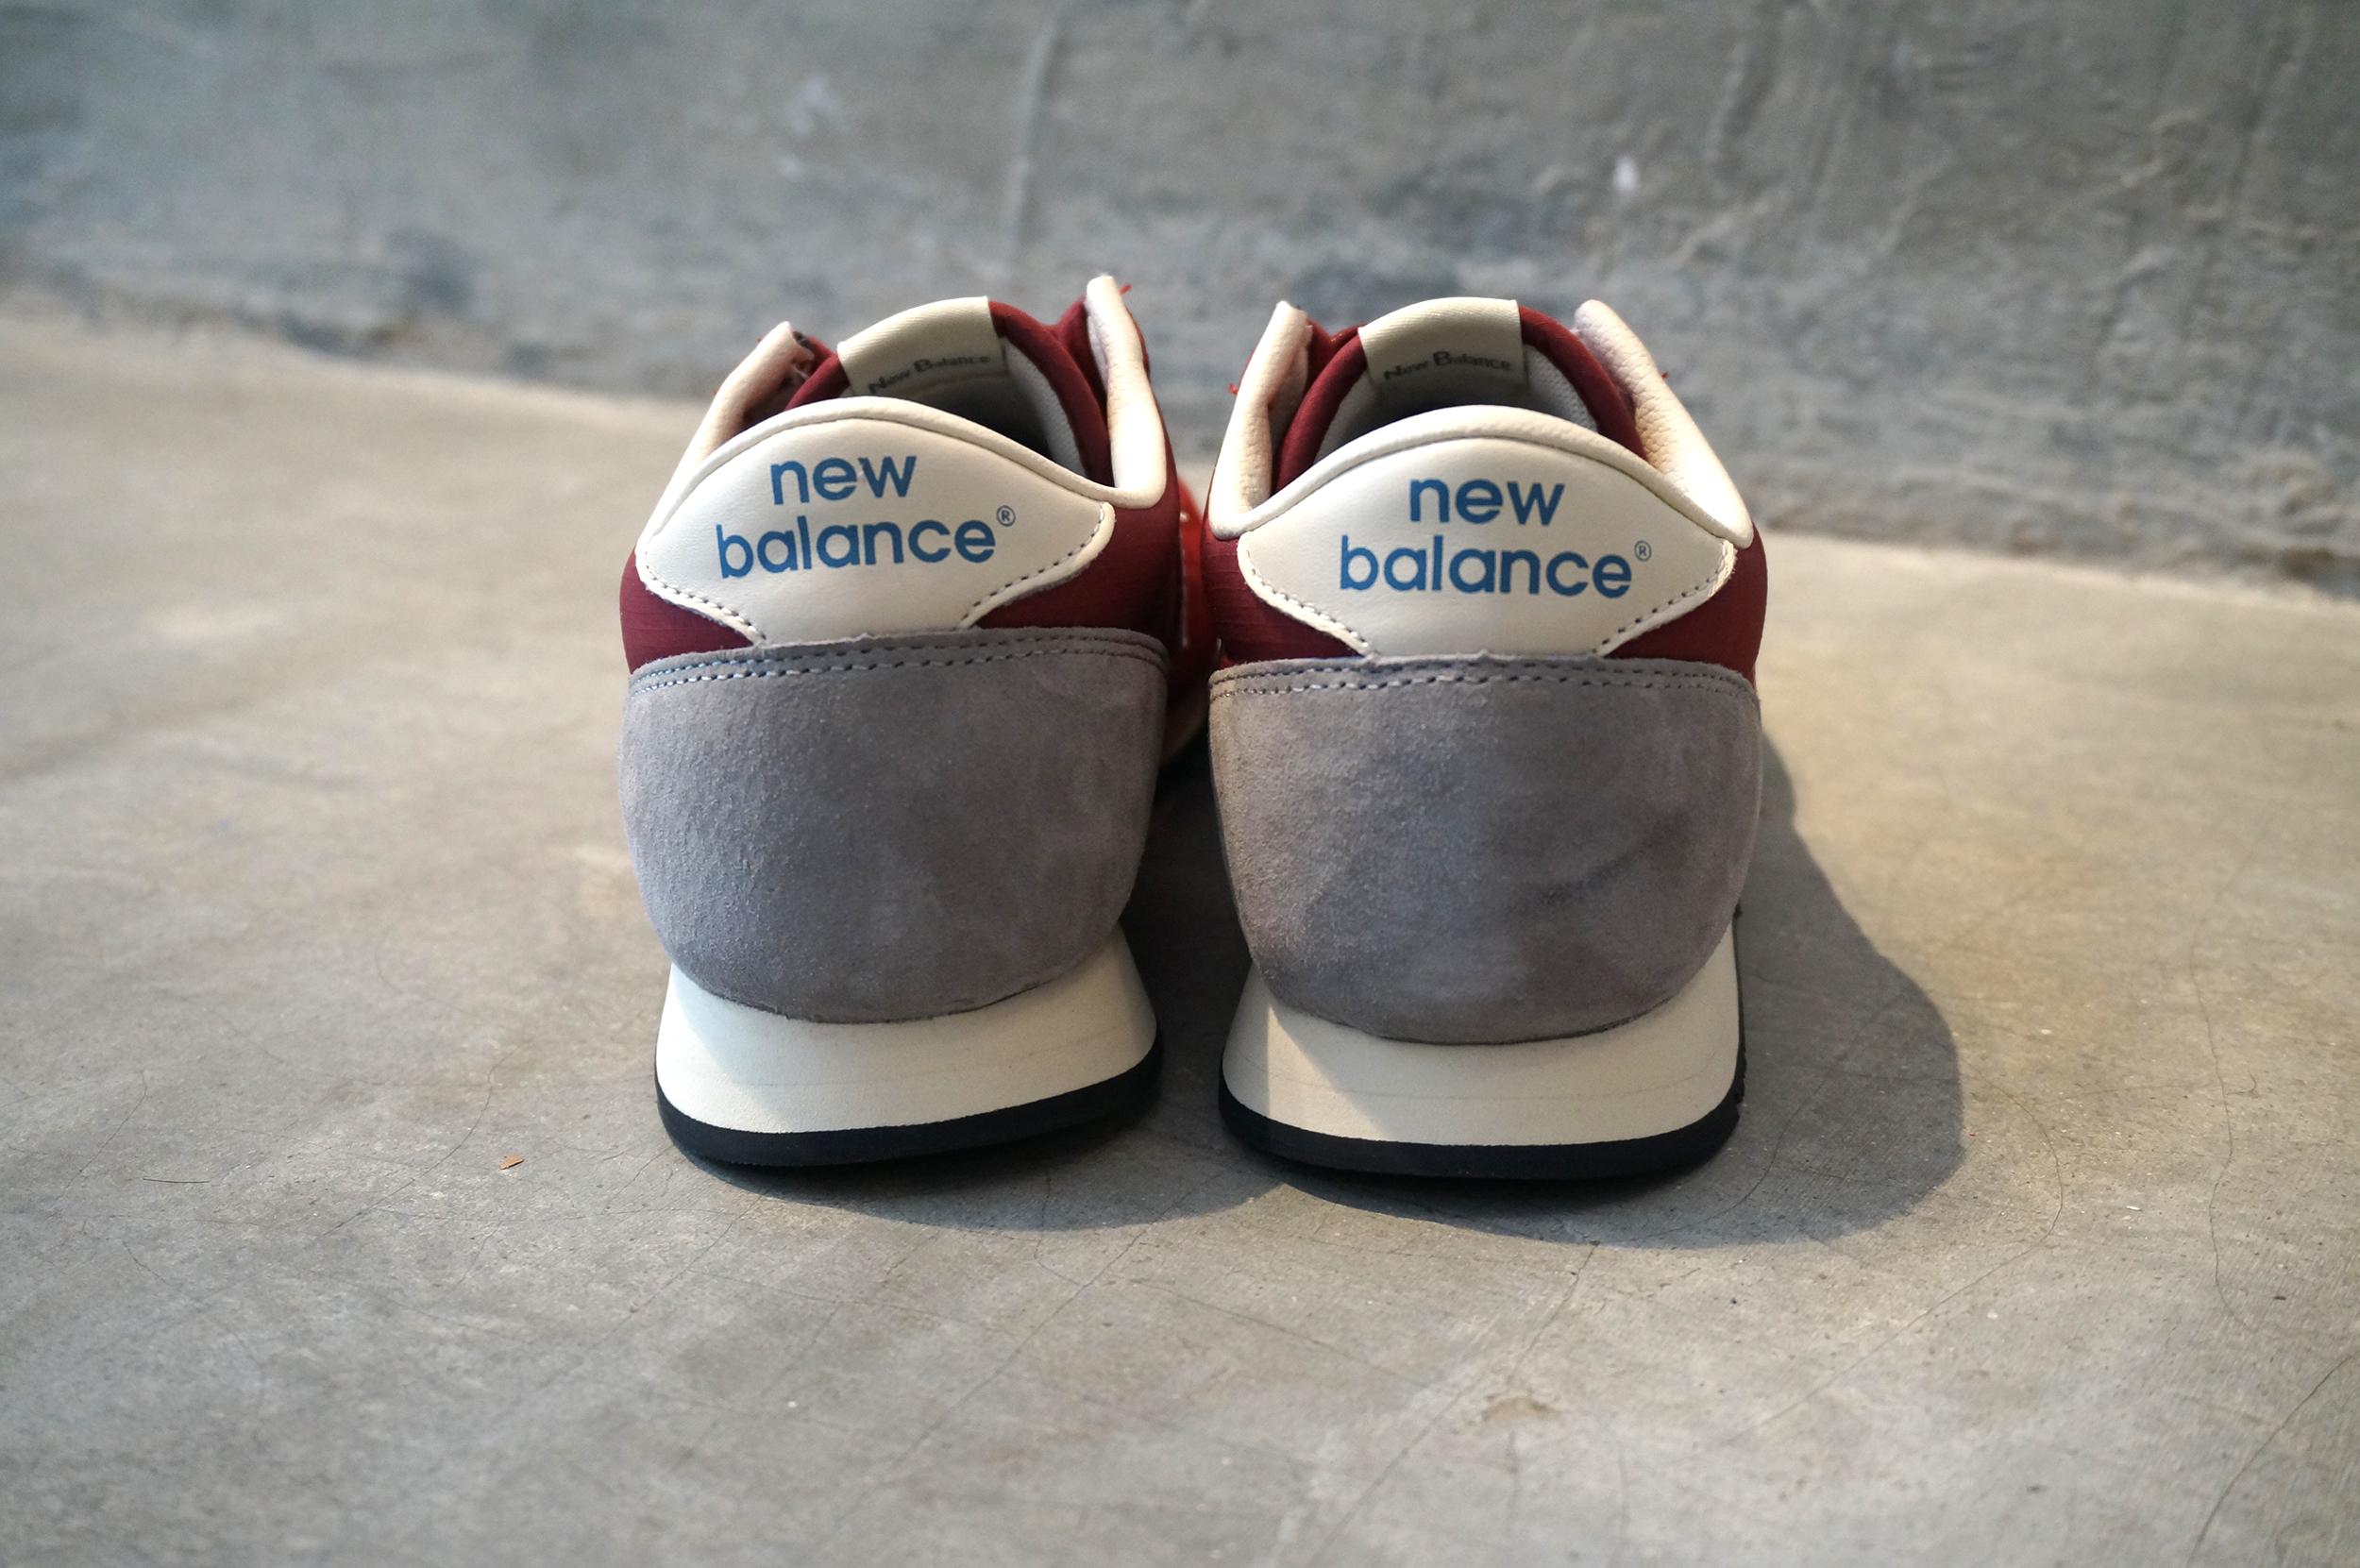 comprar new balance u420 granate mujer